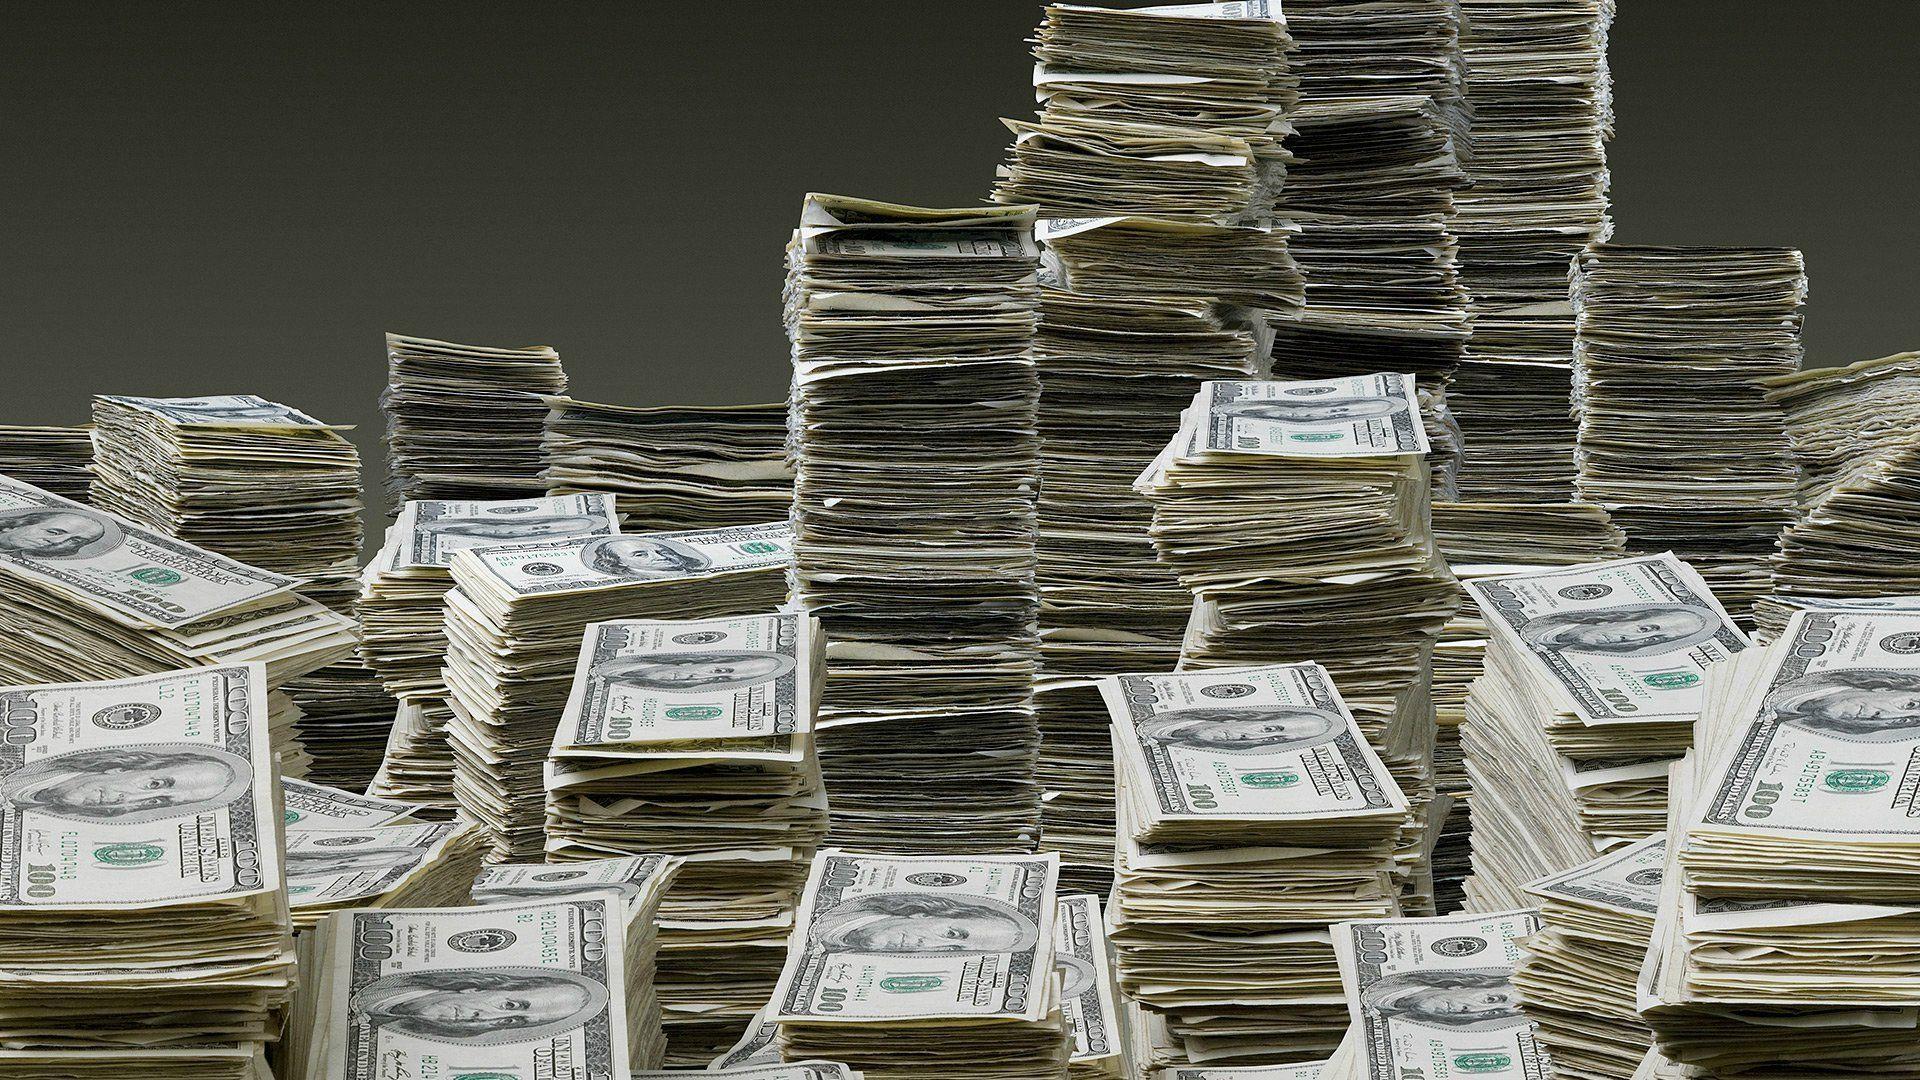 cash-money-stacks-wallpaper-49517-51192-hd-wallpapers-money